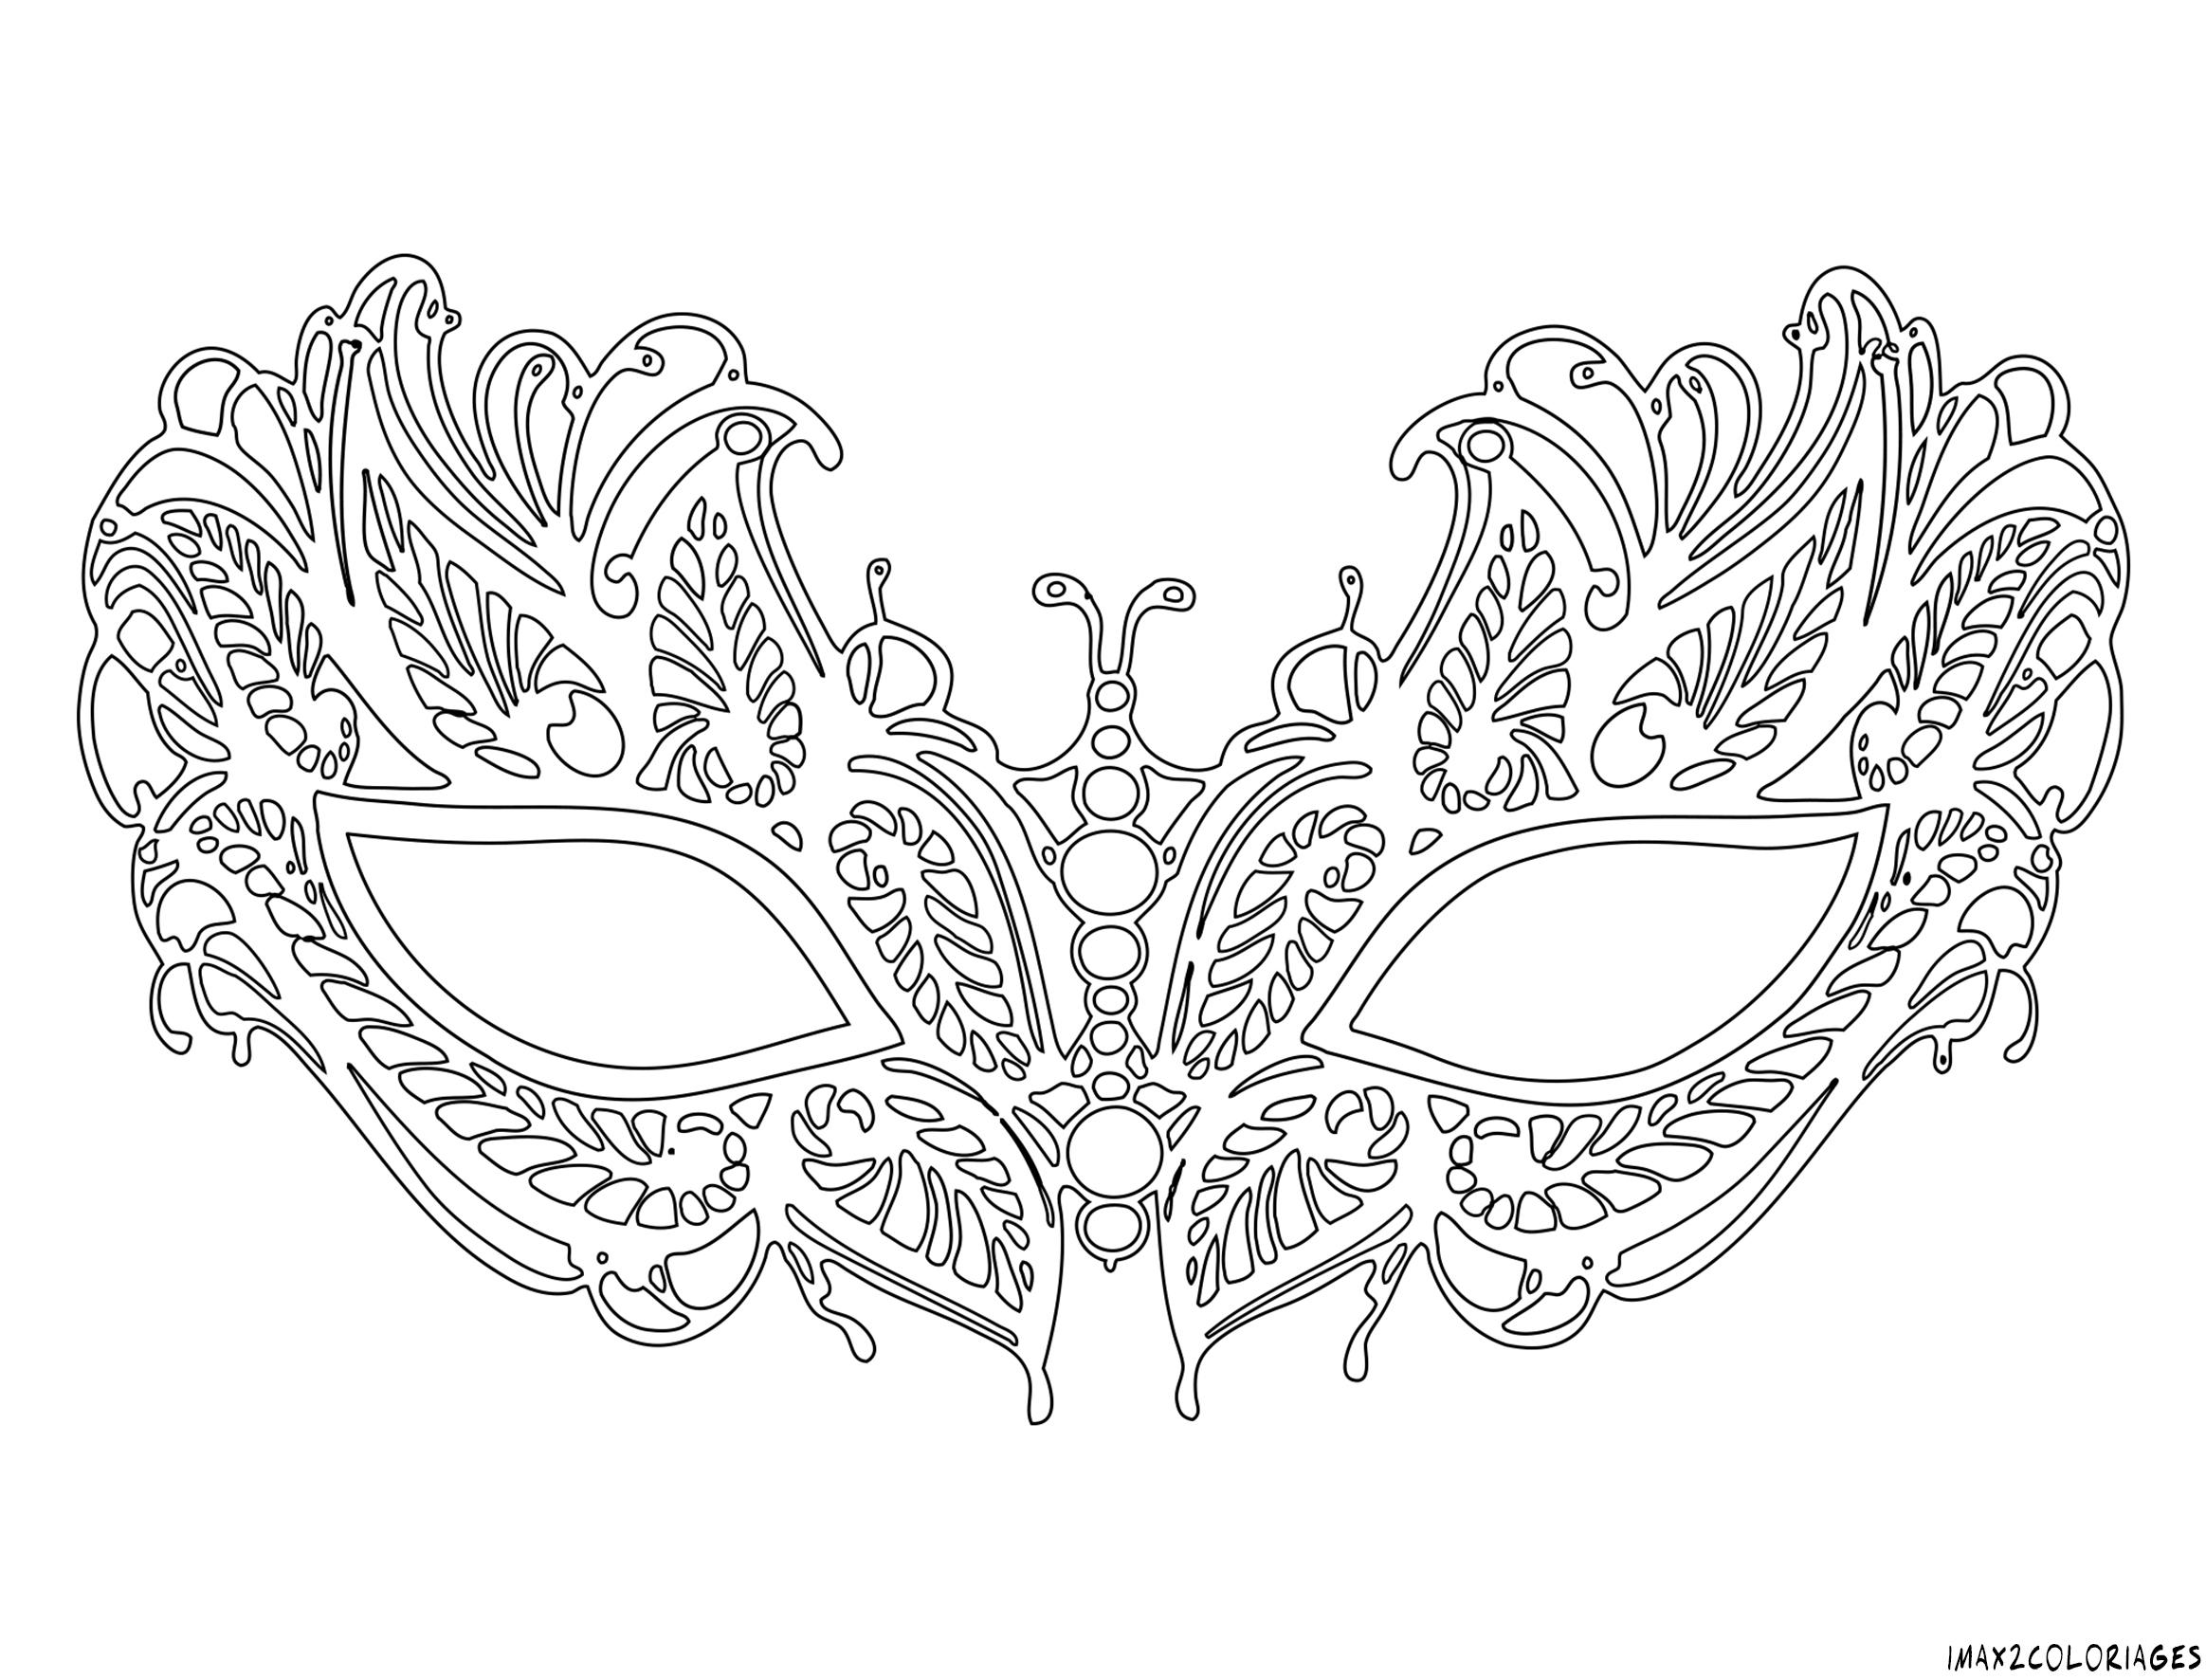 Coloriage pour adulte anti stress masque v nitien - Masque a imprimer pour fille ...